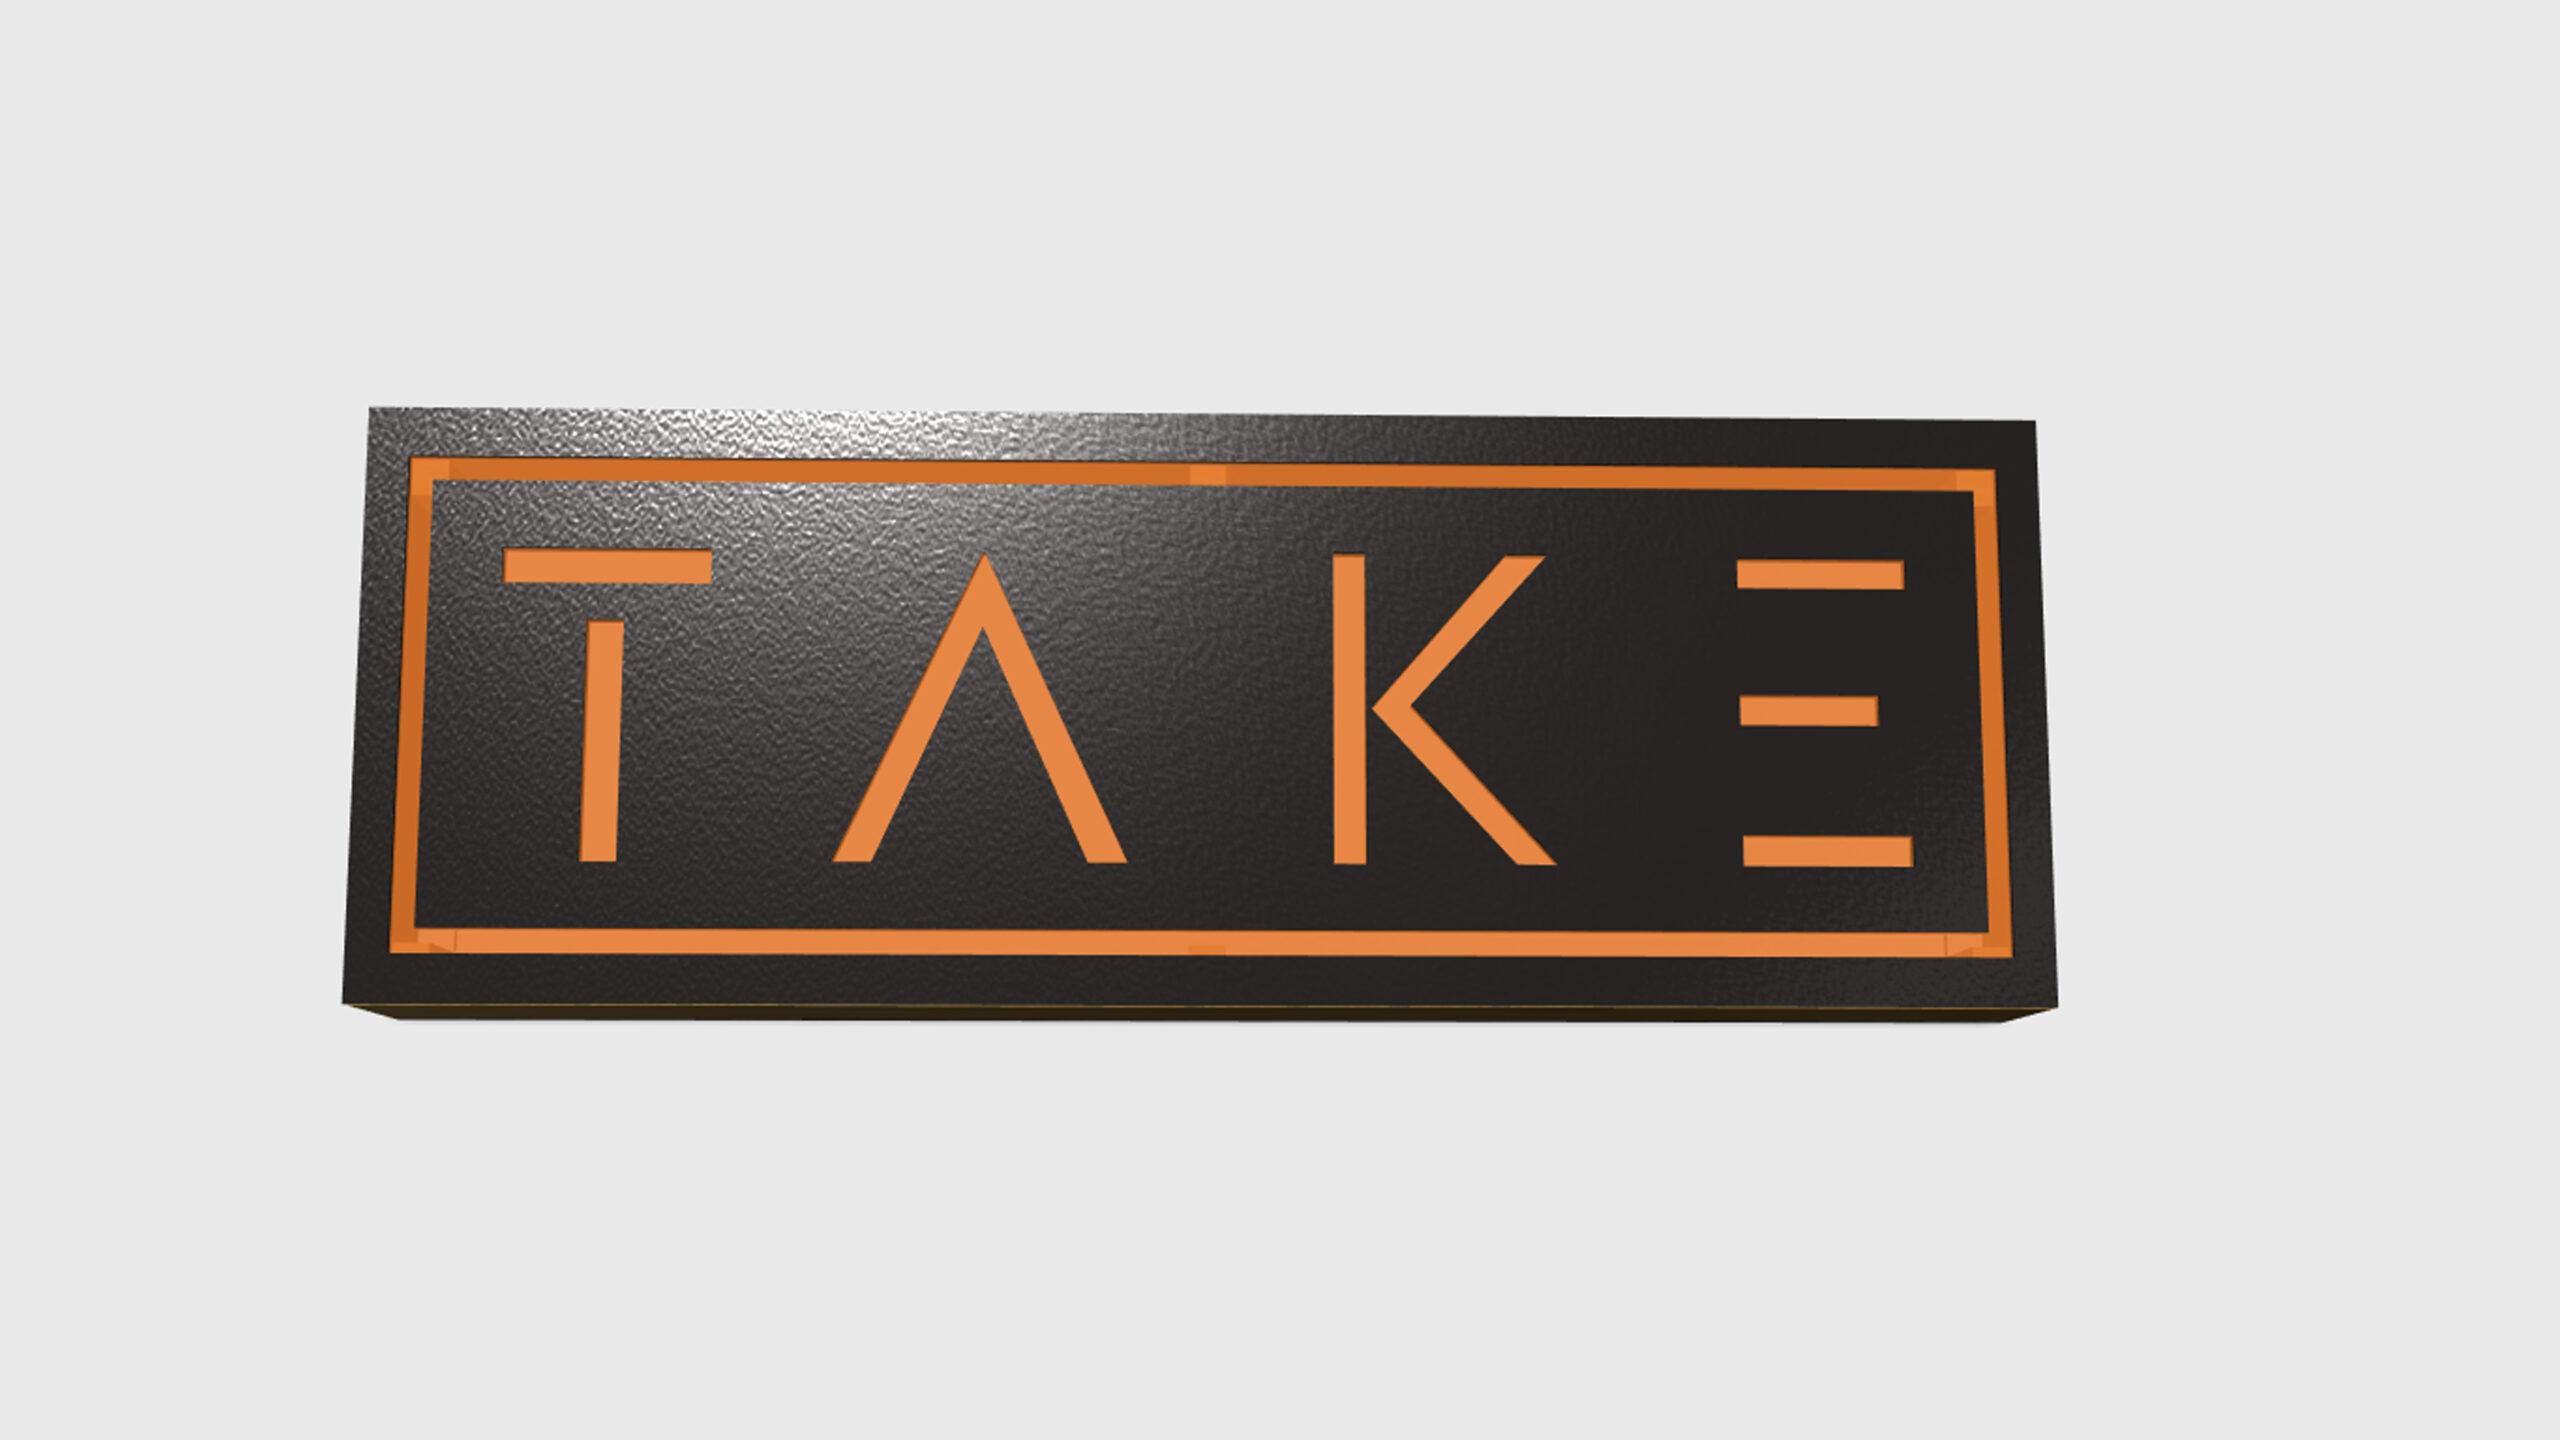 TAKE - model